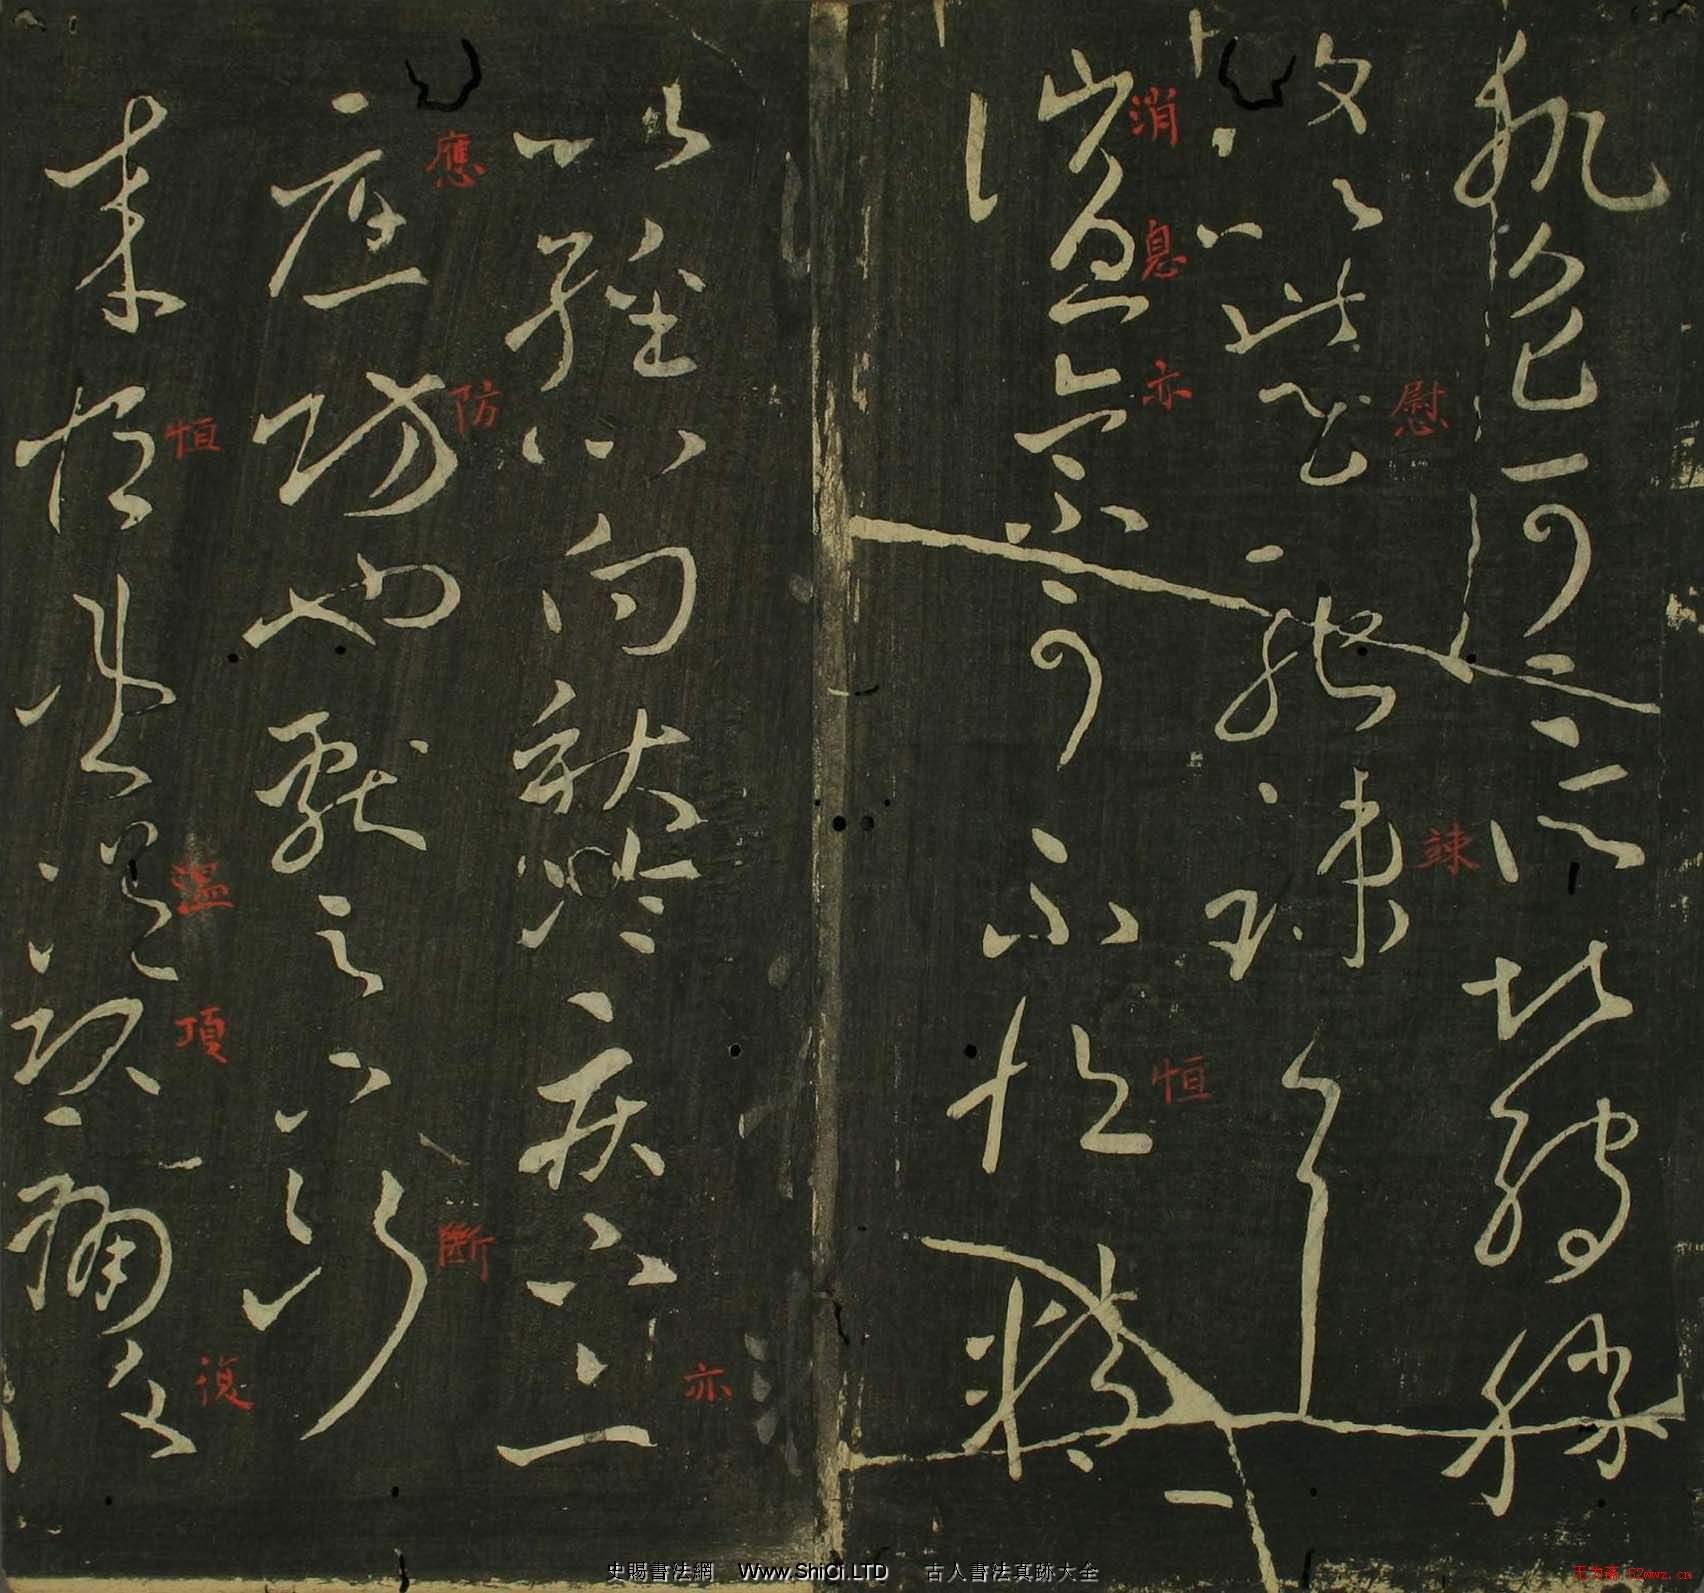 王献之行草書の法帖はオンラインで真筆で鑑賞します(全部で25枚の写真)